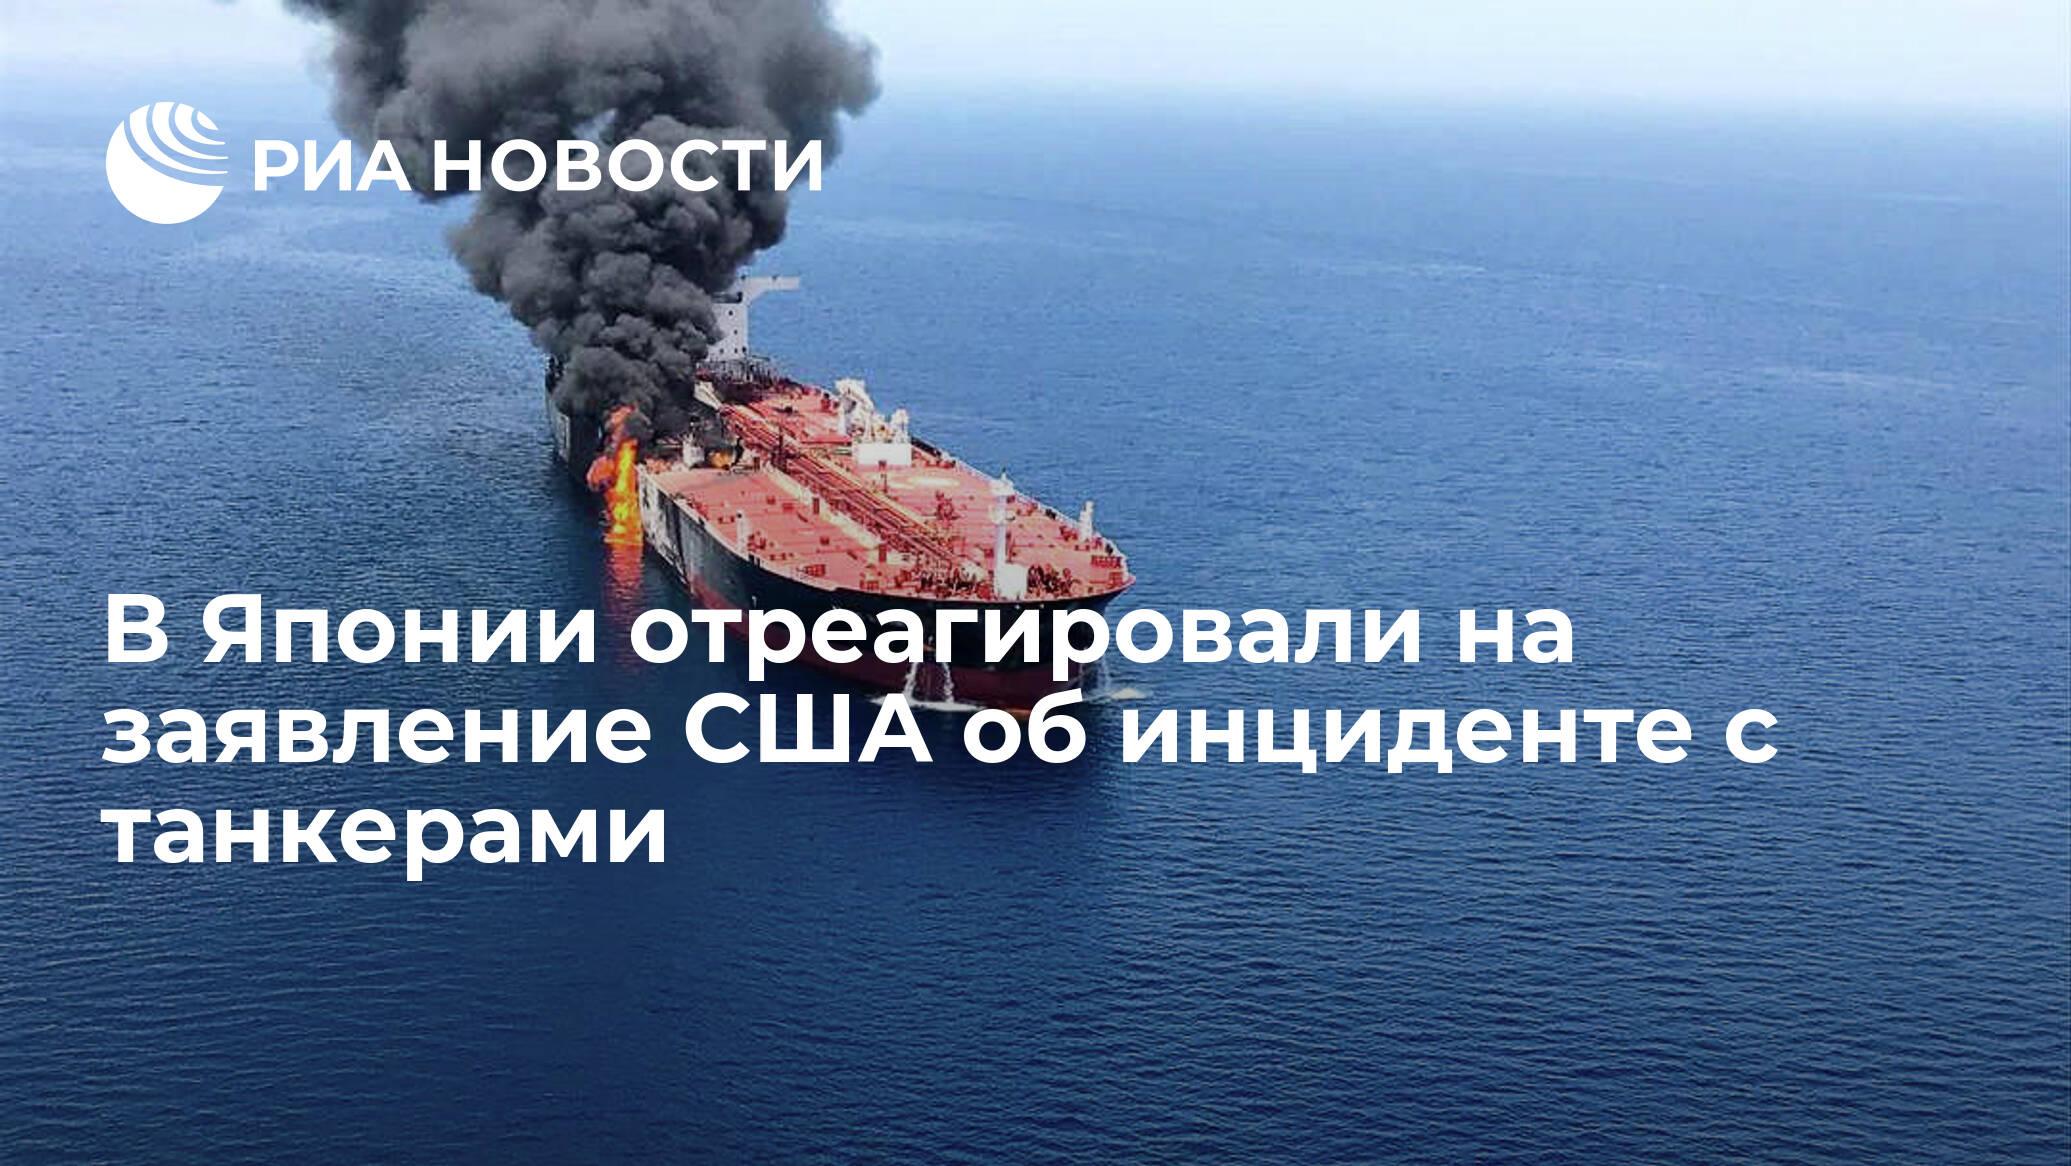 В Японии отреагировали на заявление США об инциденте с танкерами